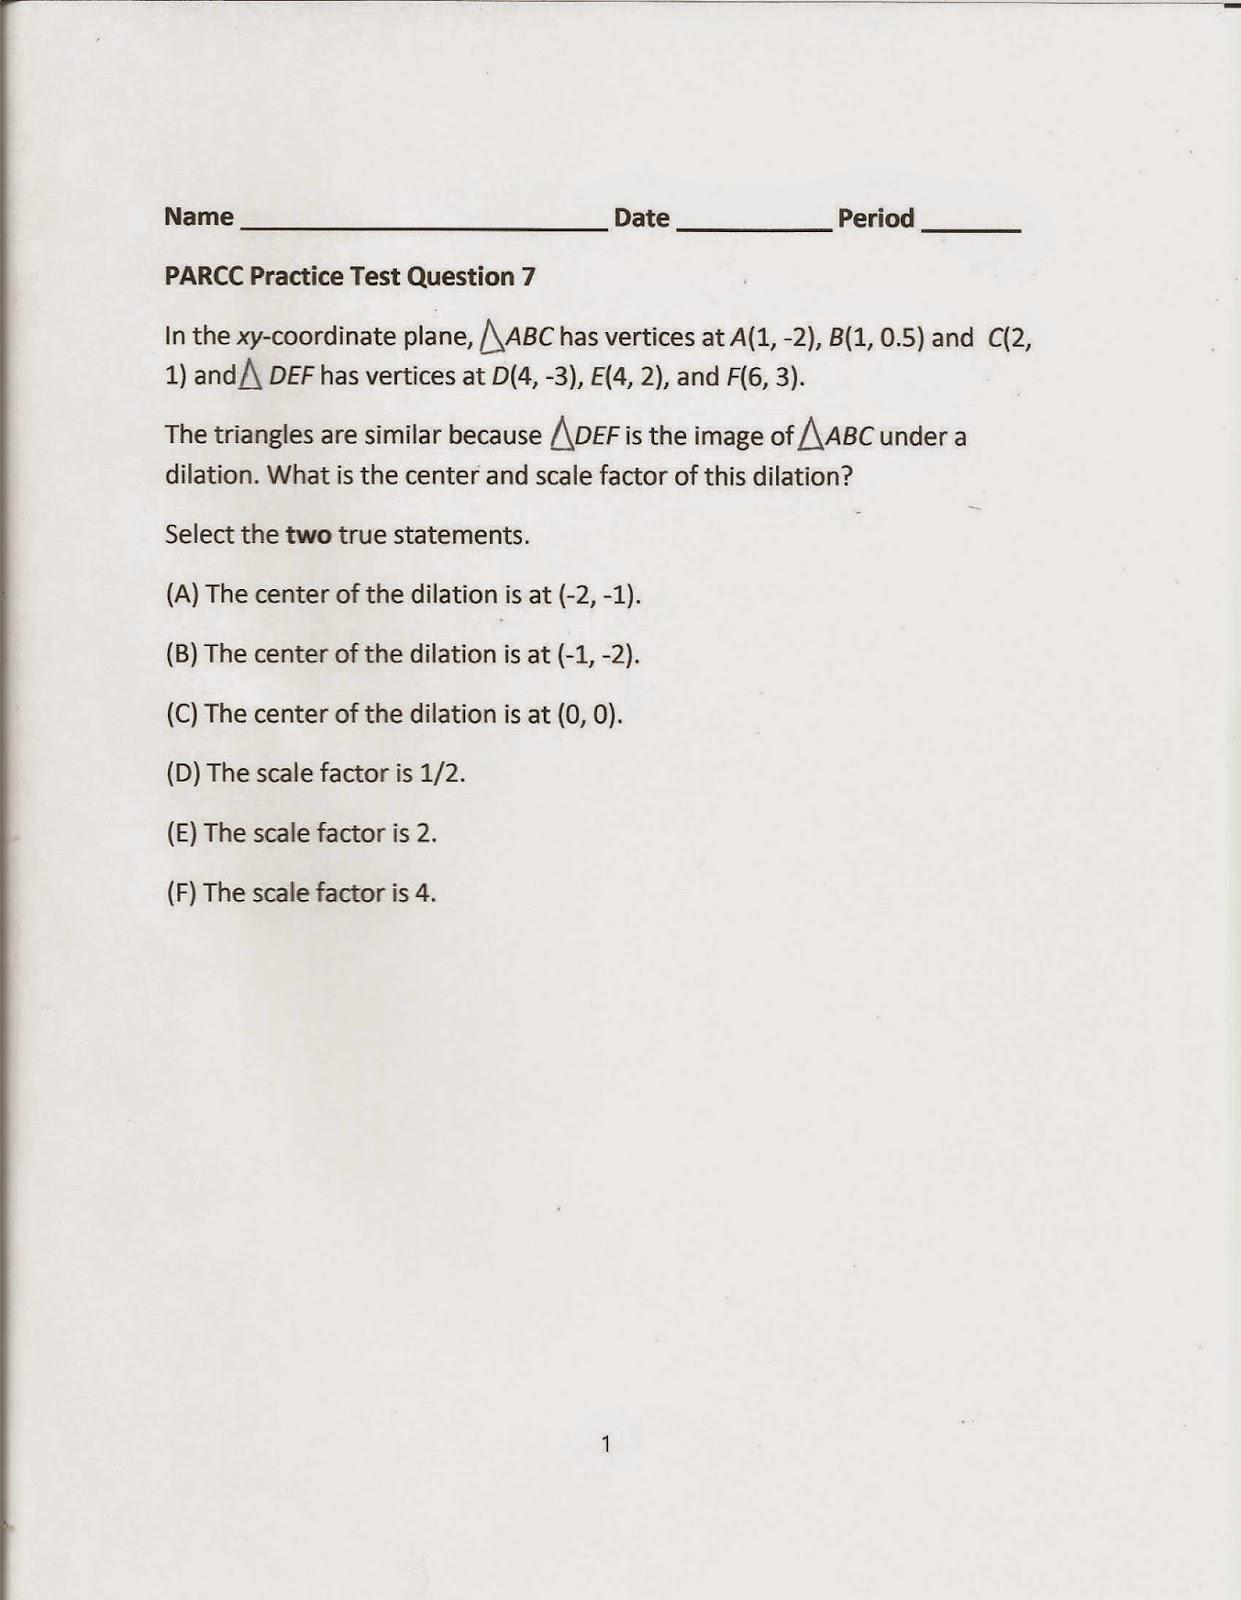 Geometry Common Core Style Parcc Practice Test Question